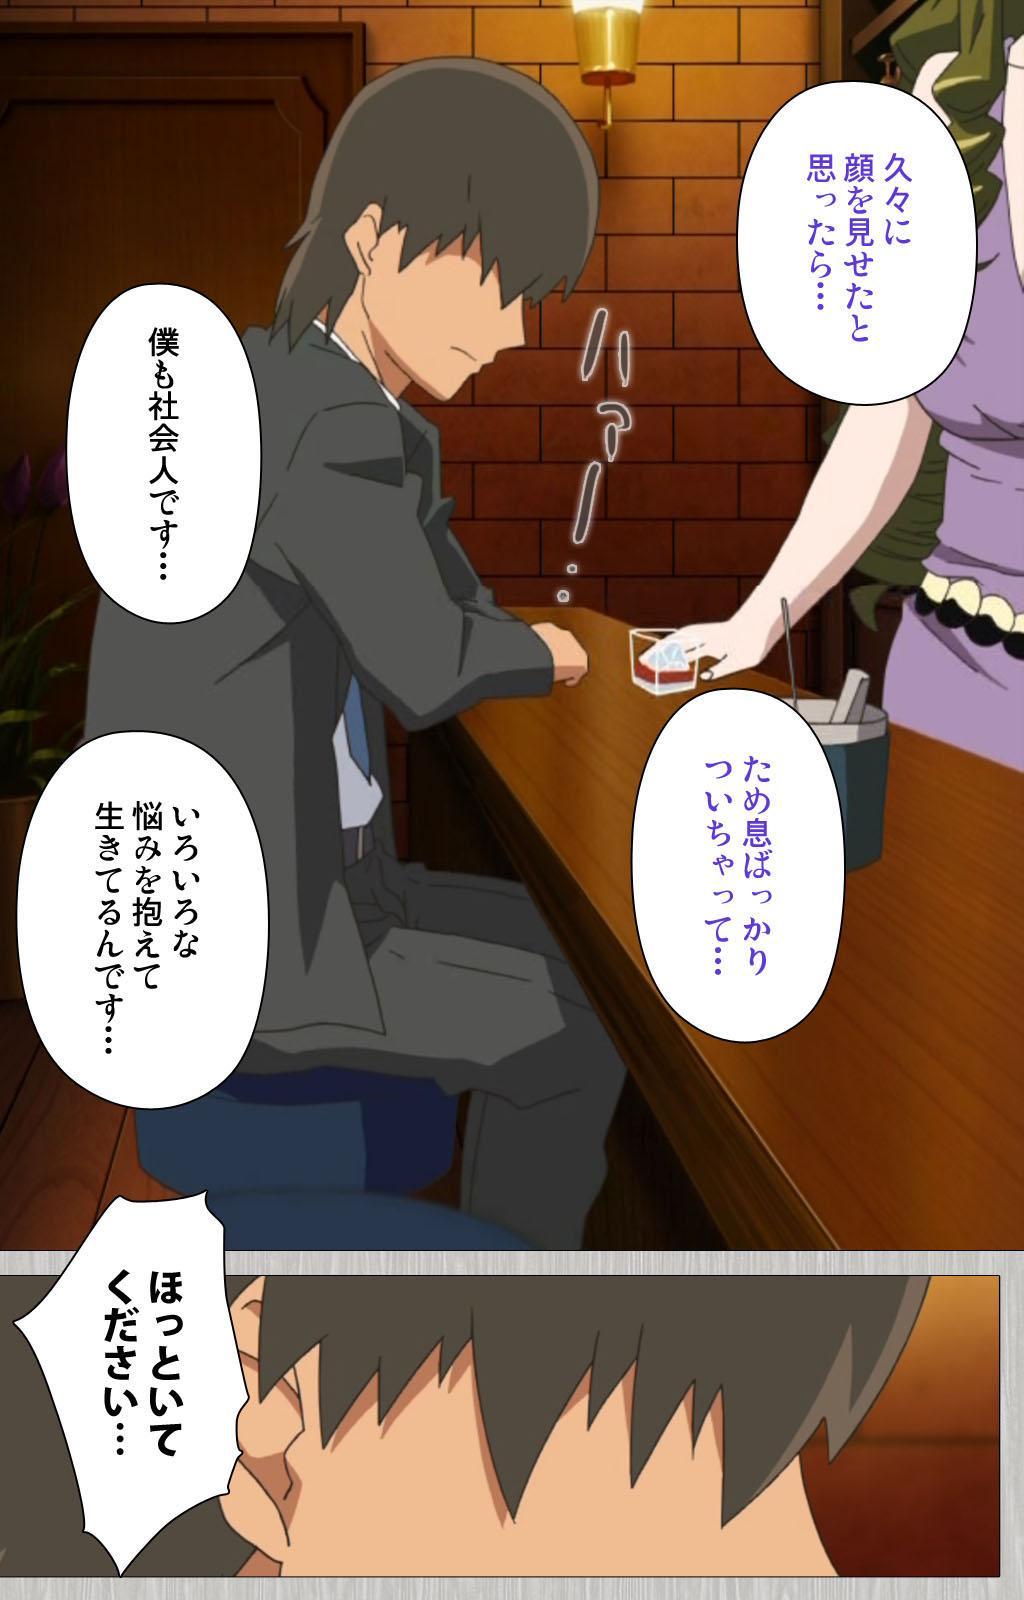 Tsuma no haha Sayuri Kanzenban 4